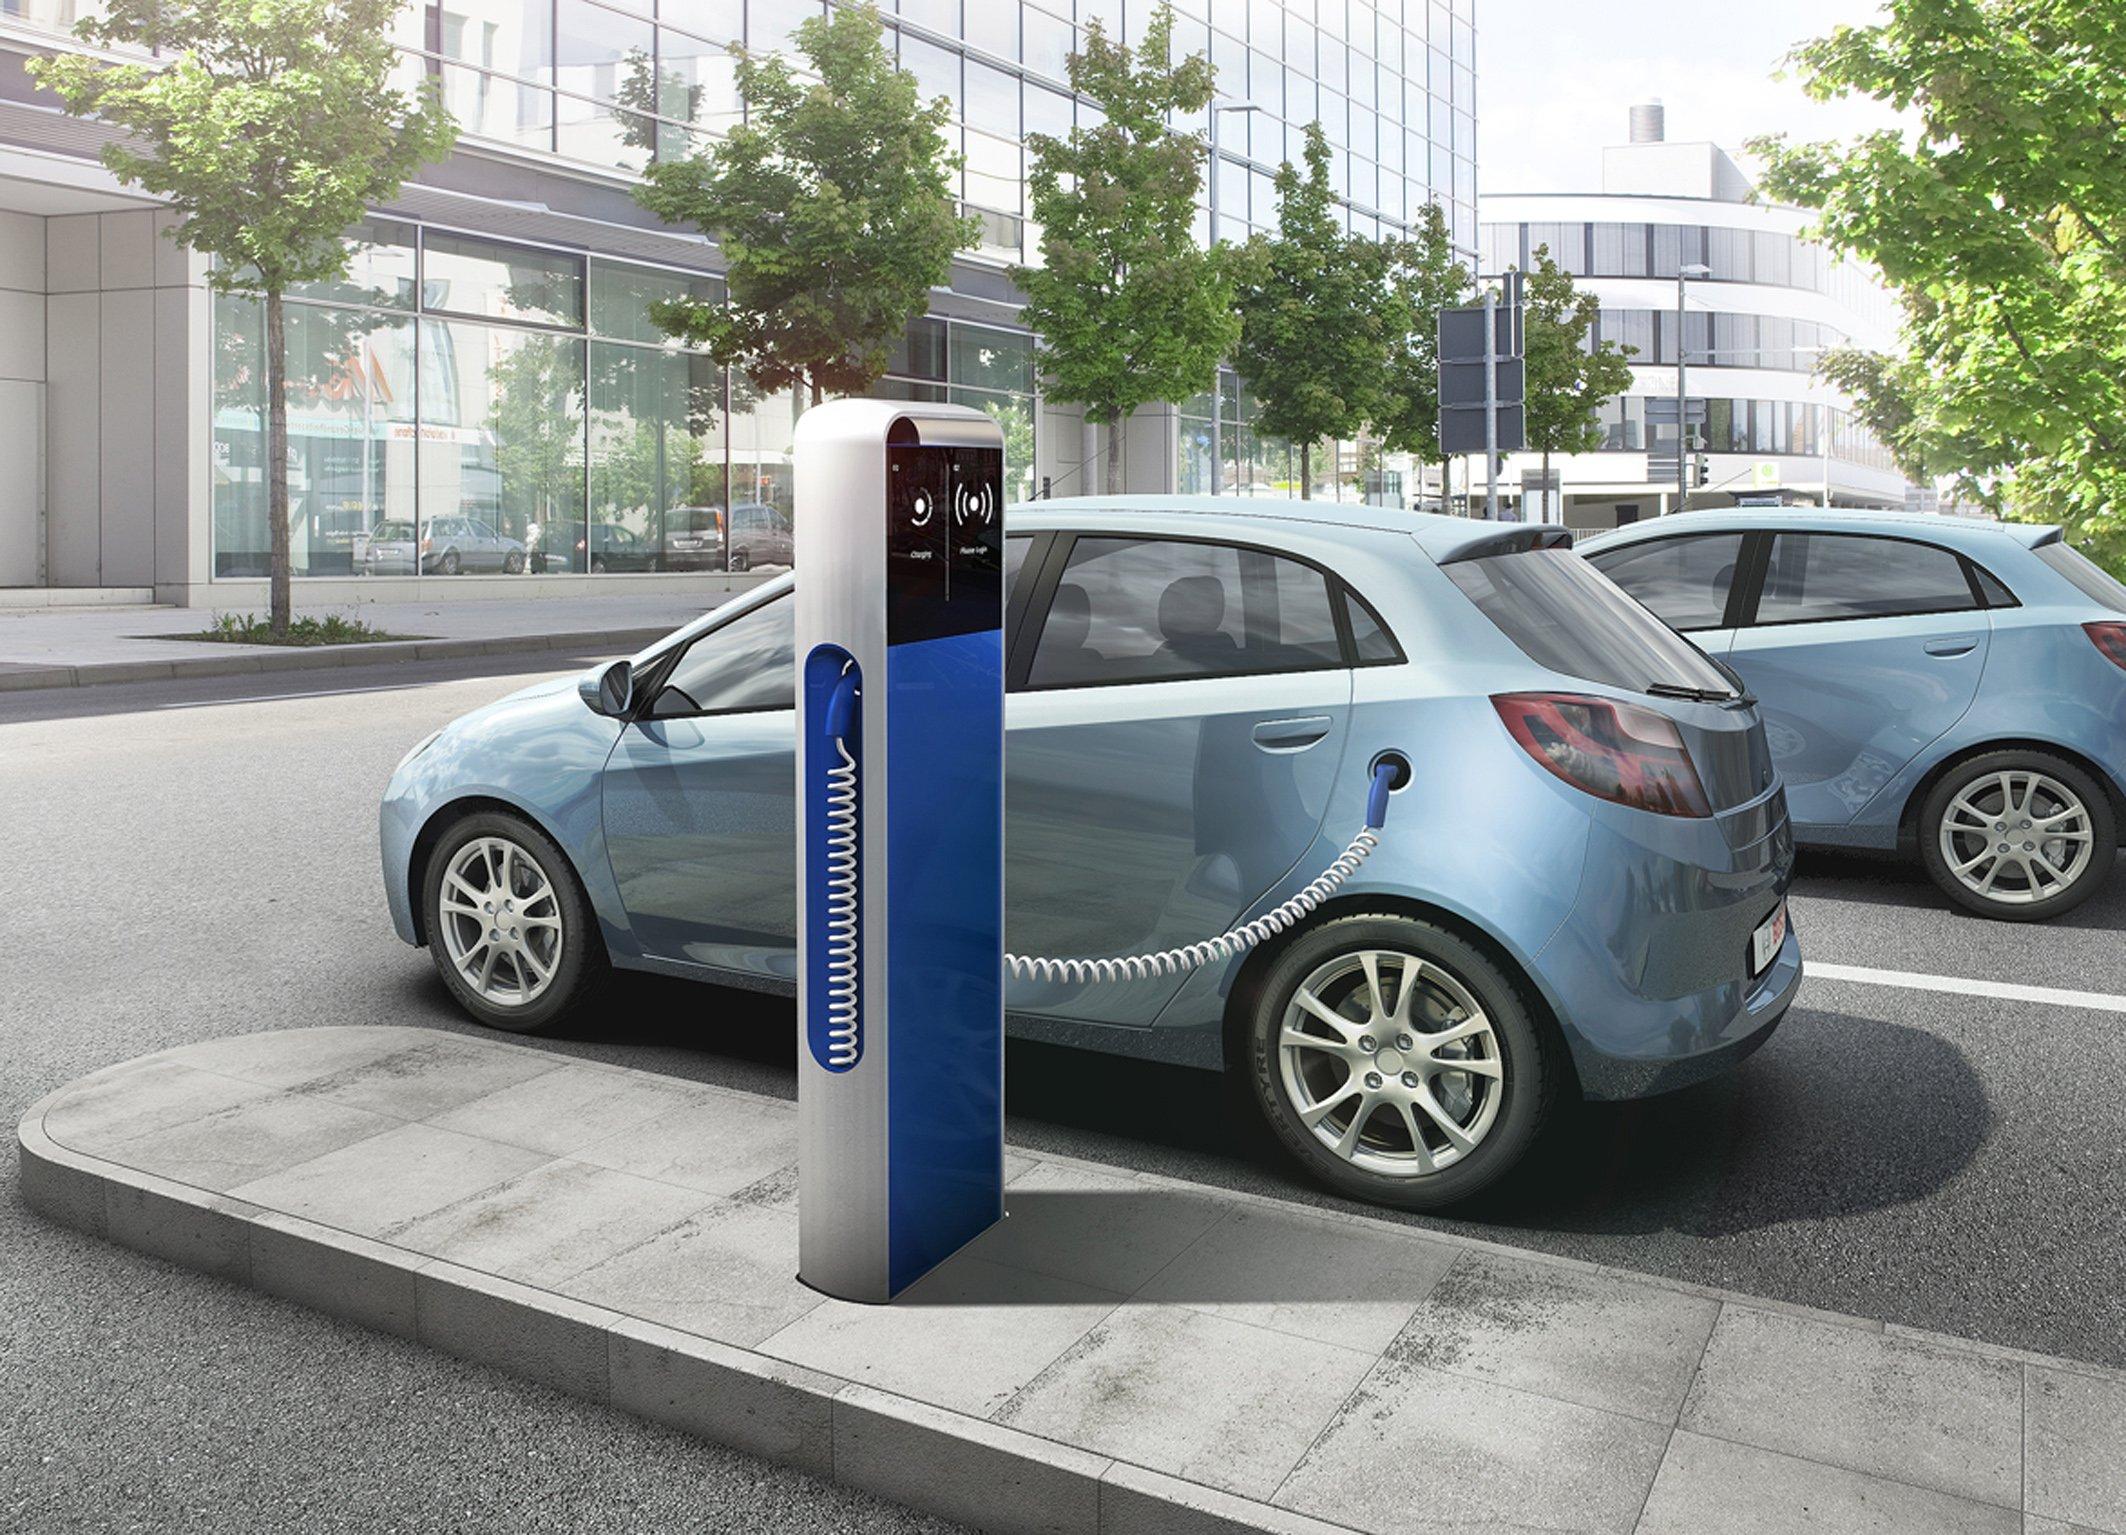 mid Groß-Gerau - Netzbetreiber müssen auf den wachsenden Strombedarf an Ladestationen reagieren. Bosch